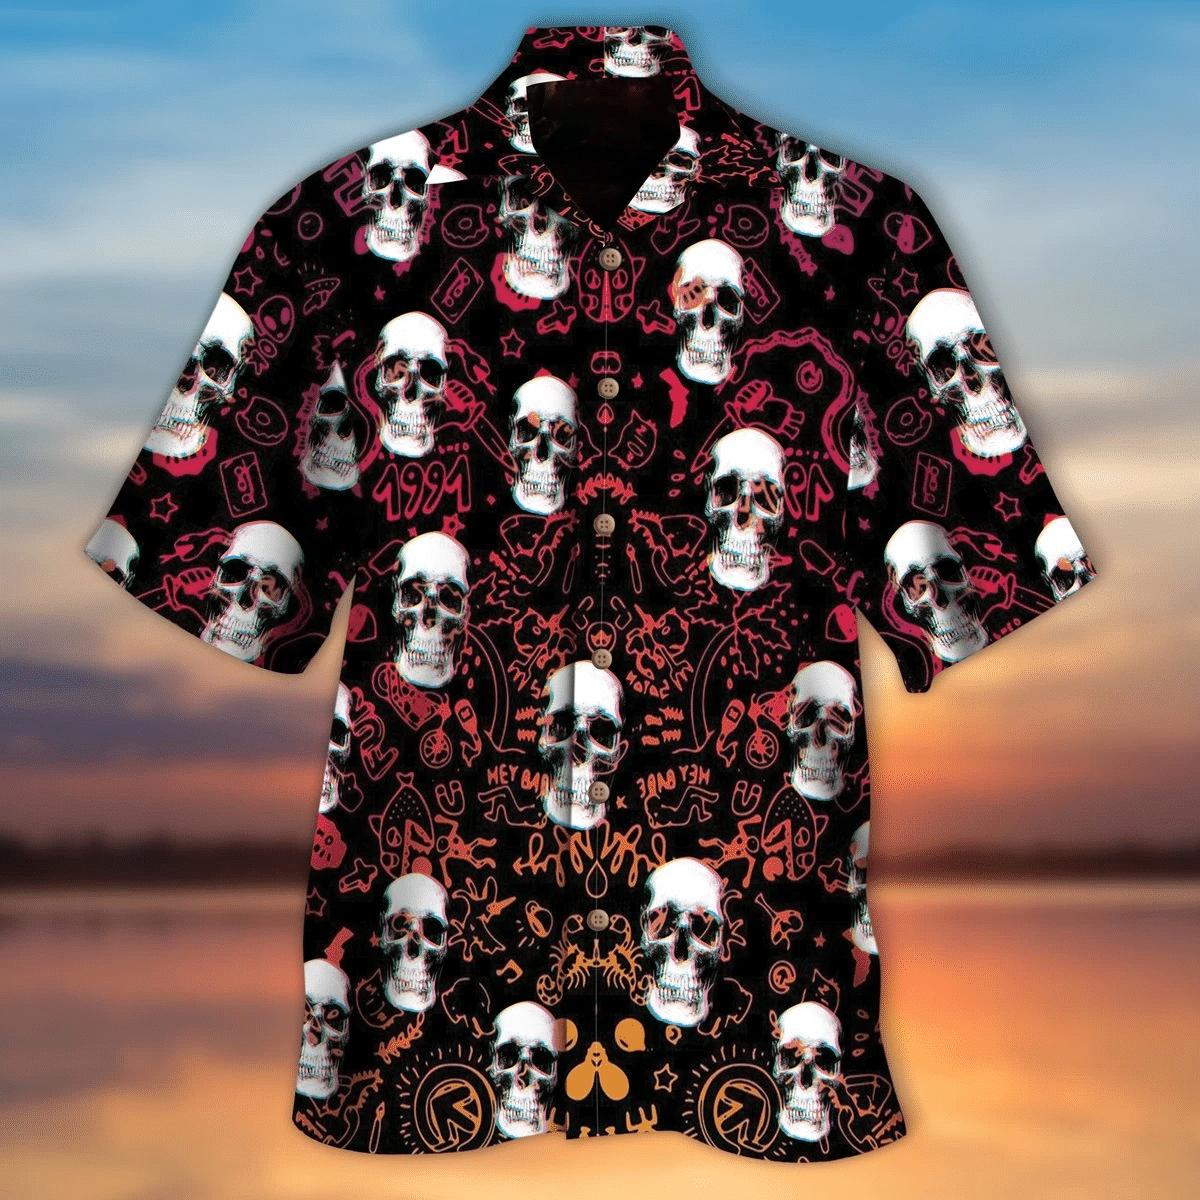 Skull Hawaiian Shirt   For Men & Women   Adult   HW6607